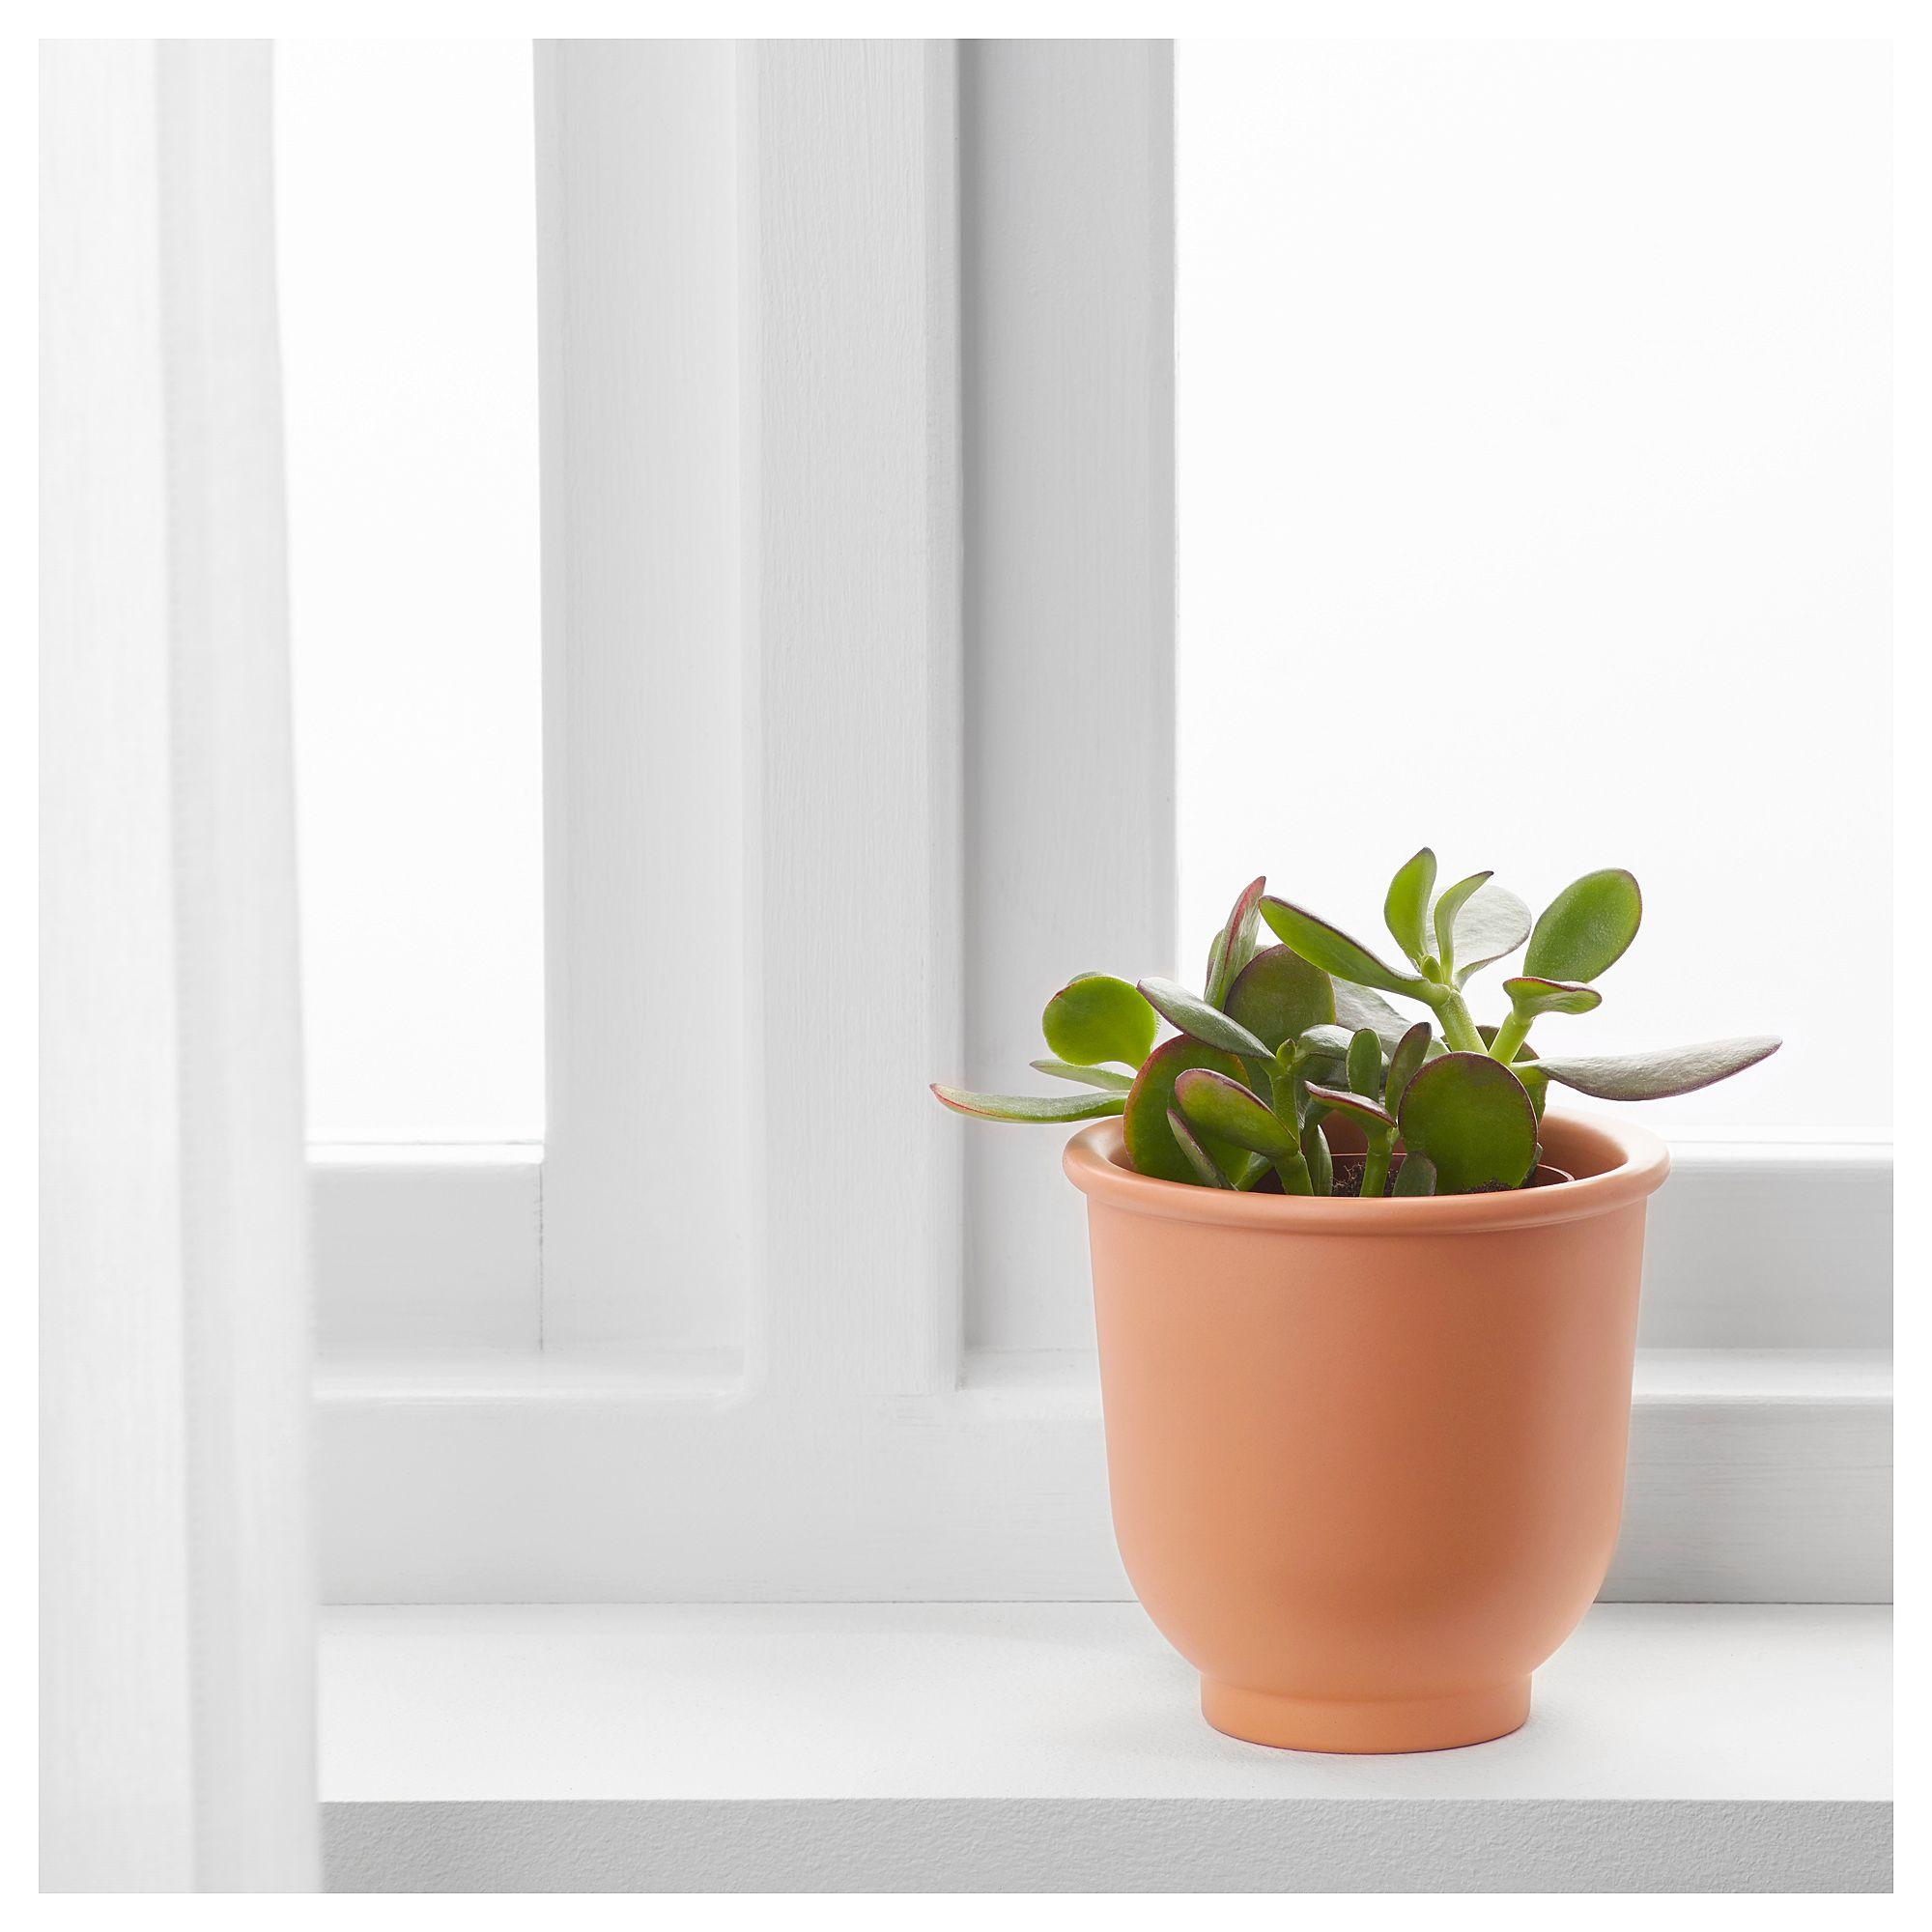 Gießkanne Pflanztopf für drinnen und draußen verzinkt IKEA SOCKER Übertopf